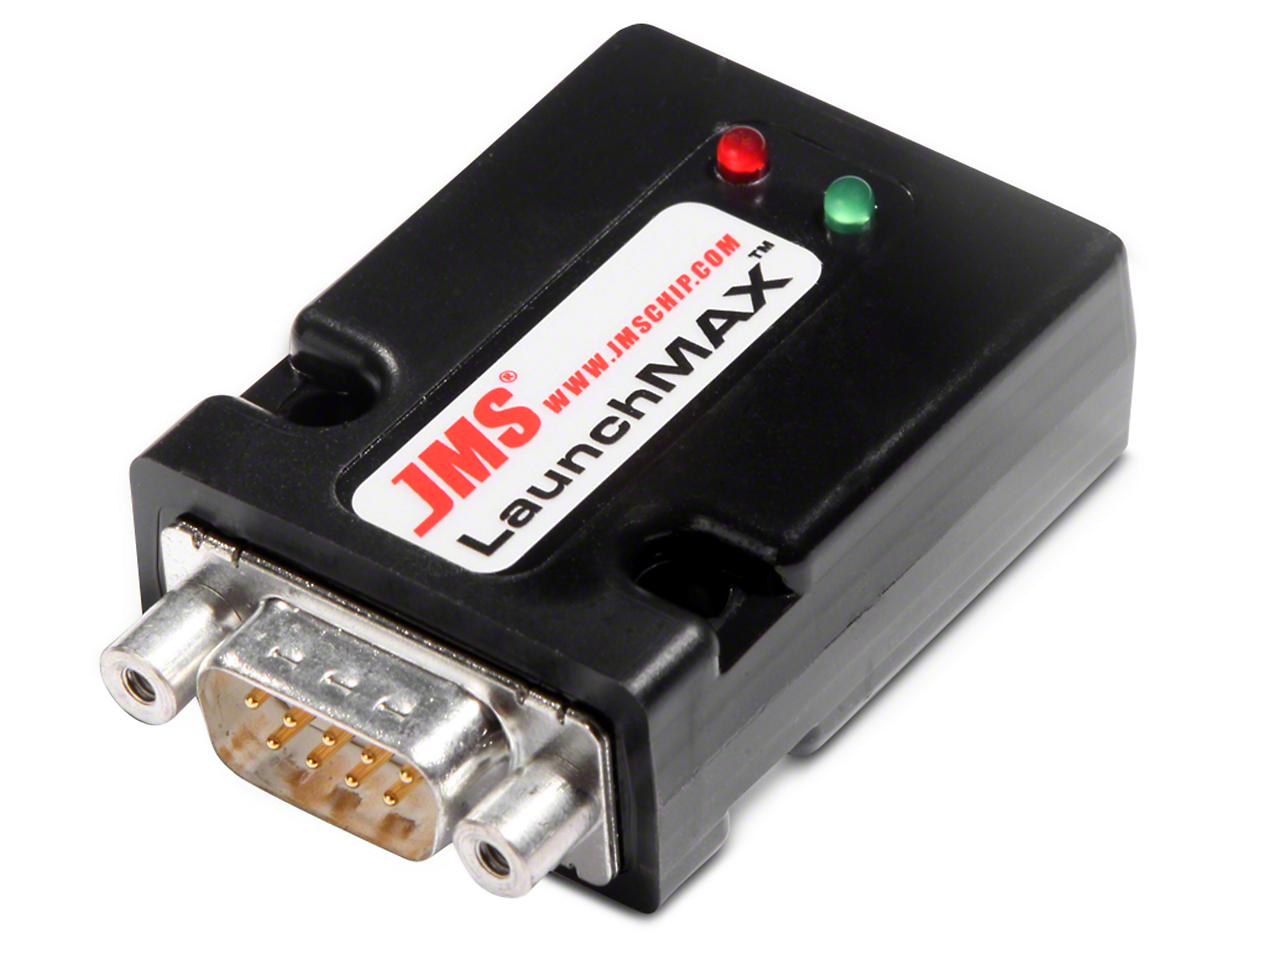 JMS LaunchMAX Digital TransBrake Kit for 6R80 Transmission - Splice In (11-17 GT, V6)